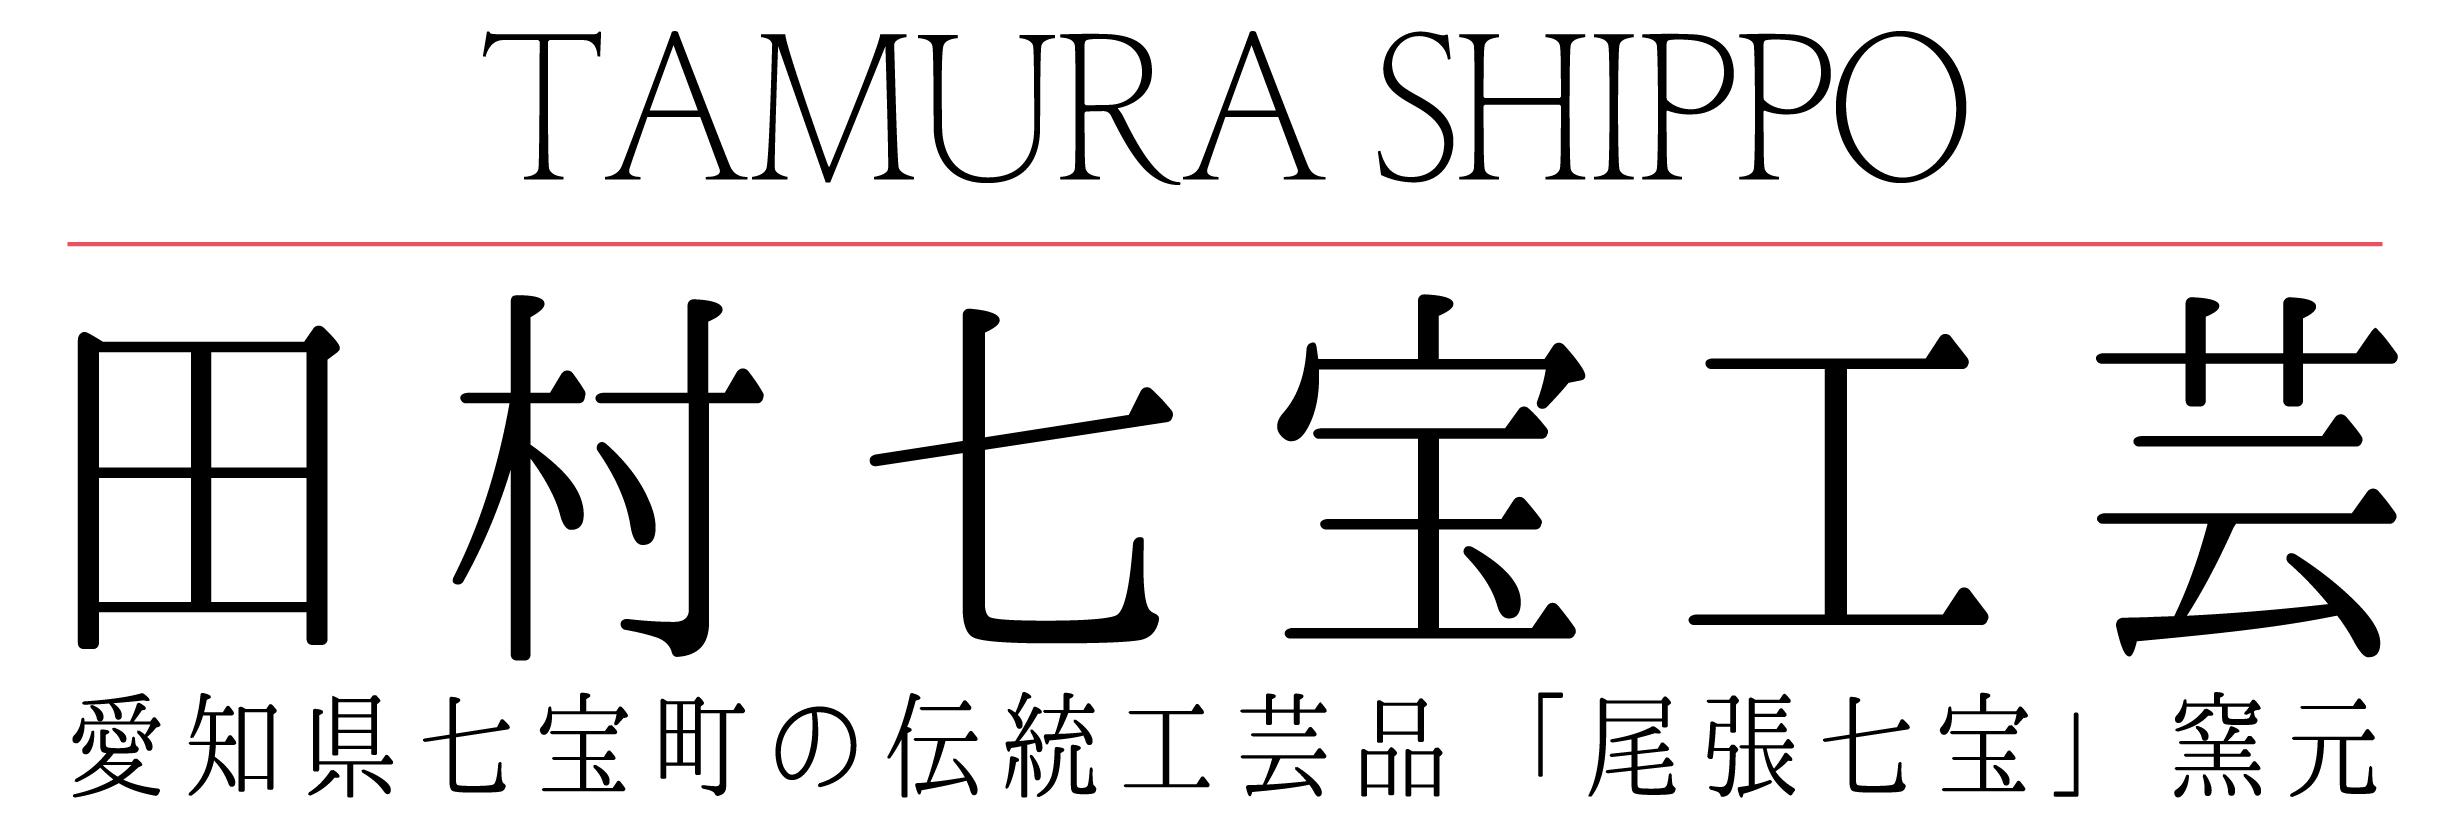 田村七宝工芸 お買い物サイト